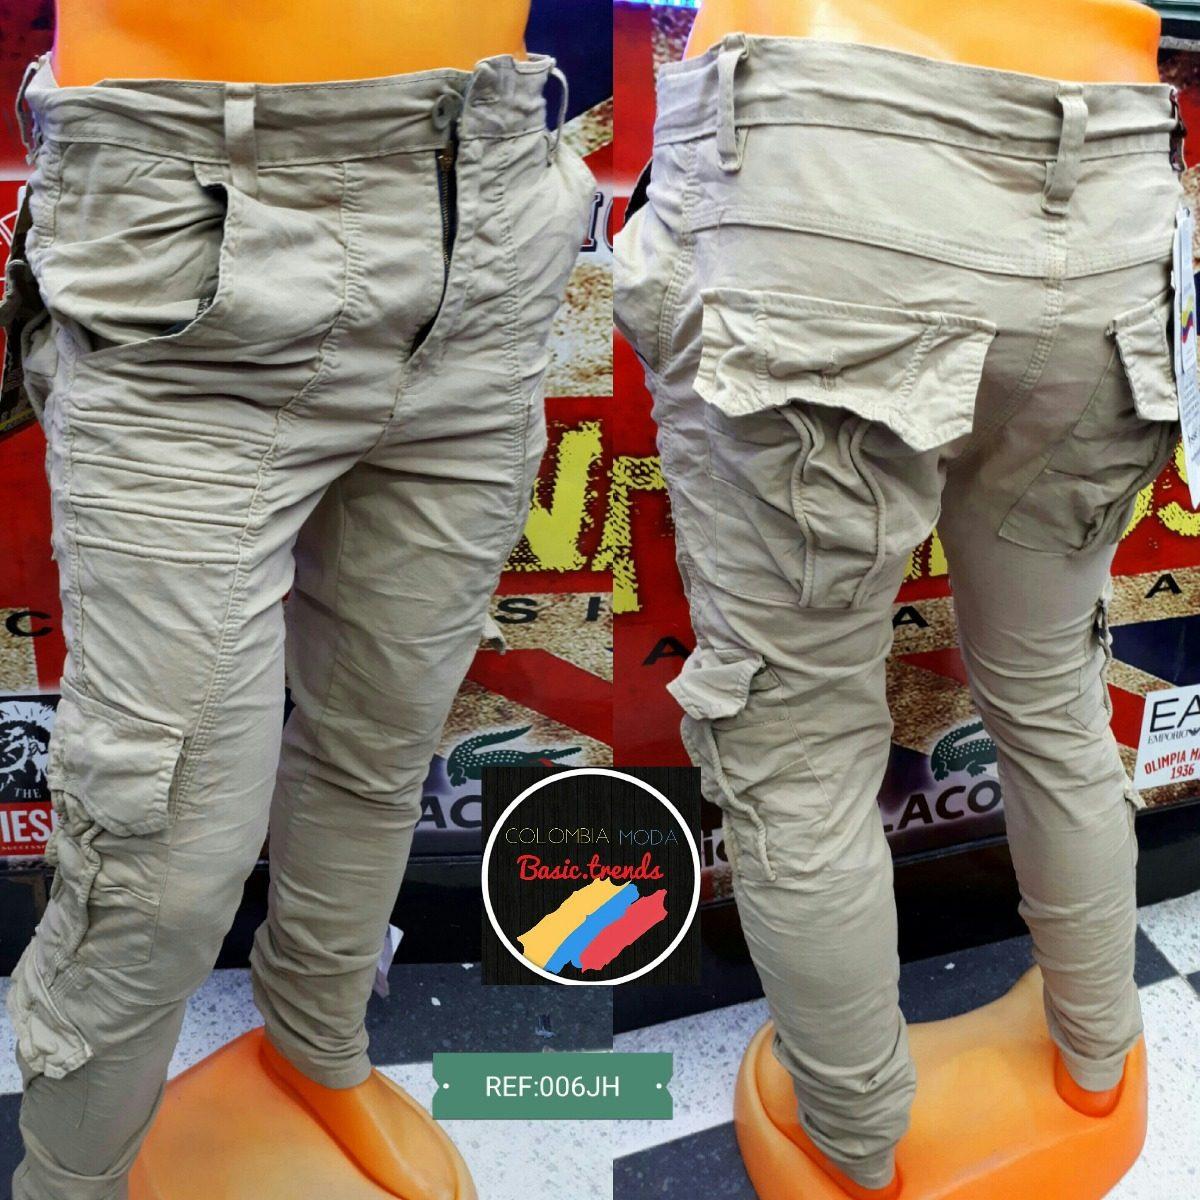 df5e172f1c Pantalon Camuflado Hombre  -   77.000 en Mercado Libre